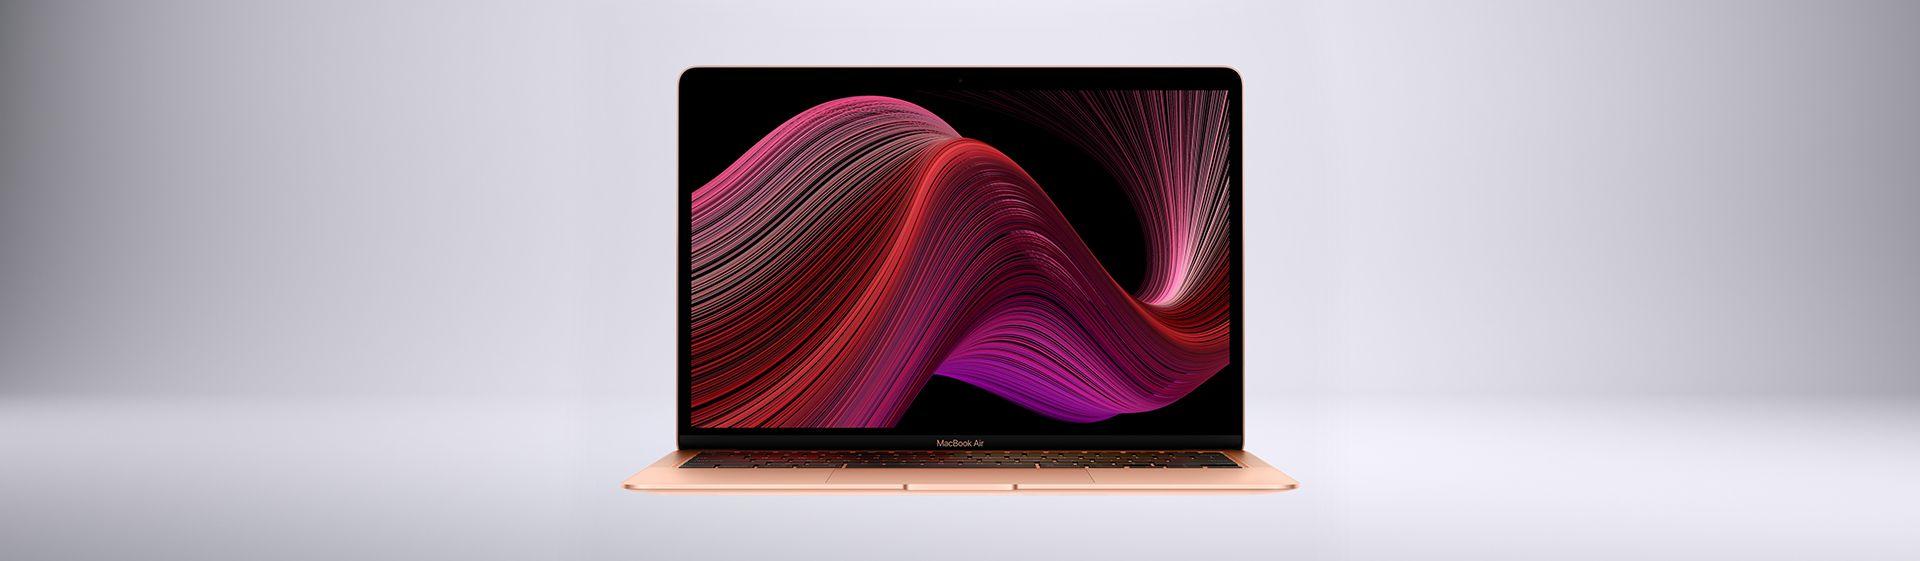 Melhor MacBook Air para comprar em 2021: top 4 modelos